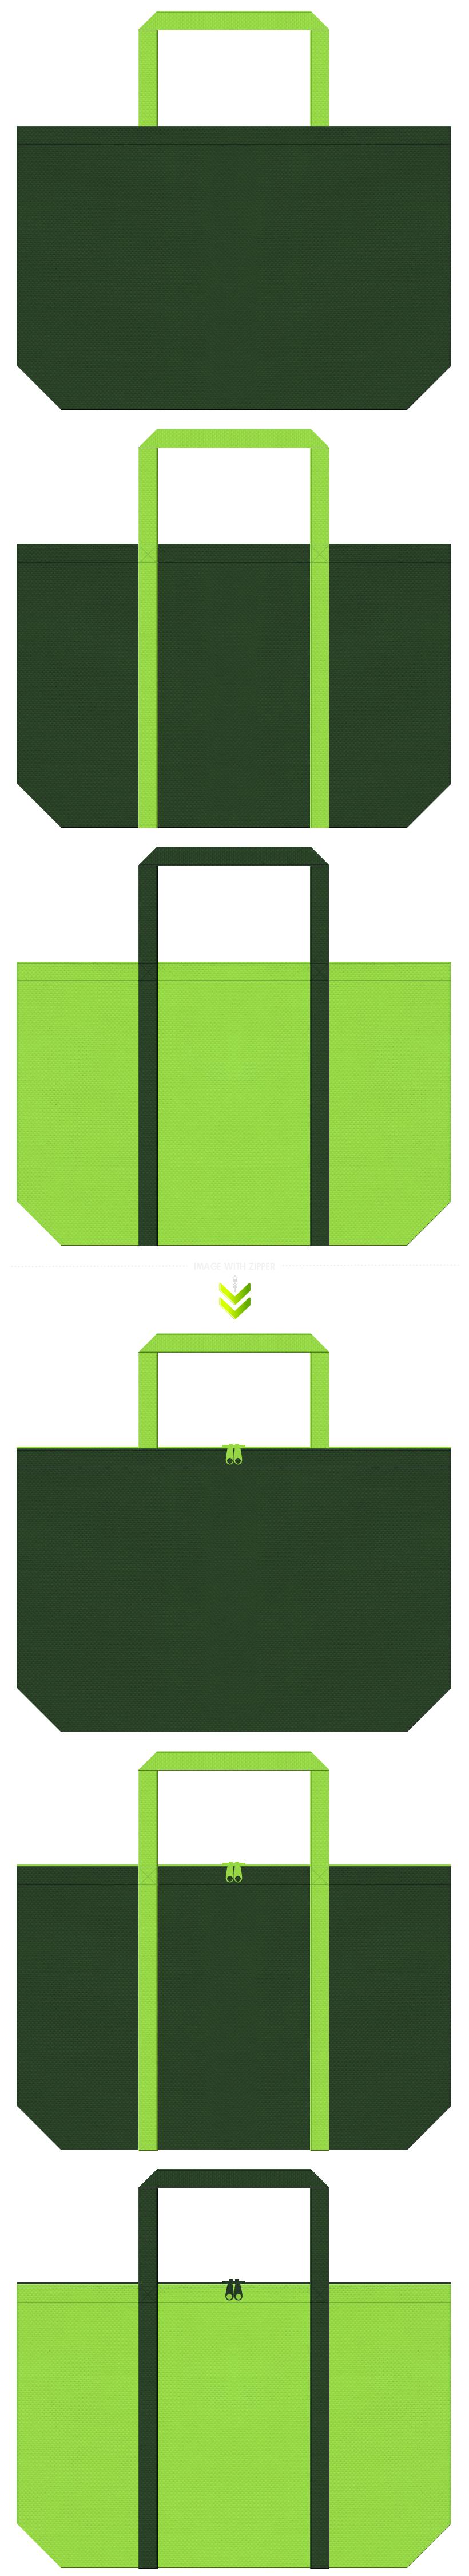 ワインボトル・ブロッコリー・ほうれん草・ゴーヤ・ピーマン・かっぱ・カエル・芝生・ゴルフ場・テーマパーク・新緑イベント・CO2削減・緑化推進・屋上緑化・壁面緑化・環境セミナー・エコイベント・緑茶・青汁・お茶の販促イベント・園芸・登山・アウトドア・キャンプ・森林浴・芳香剤・入浴剤・ボタニカルなエコバッグにお奨めの不織布バッグデザイン:濃緑色・深緑色と黄緑色のコーデ